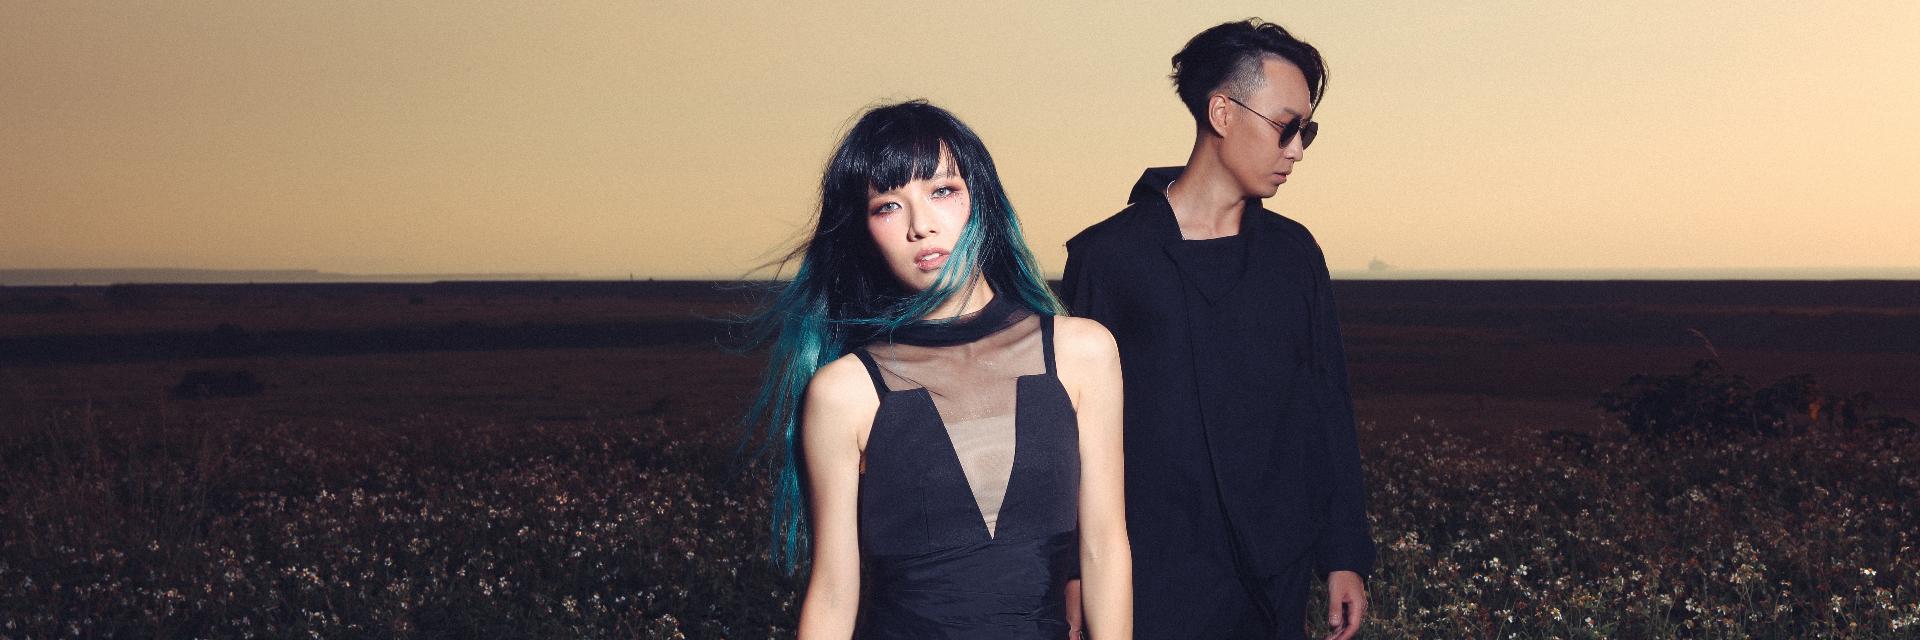 原子邦妮:「我們不斷的創作音樂,但當有一人宣布退出時...」台灣音樂圈的潮流革命,謝謝你曾經讓我悲傷!